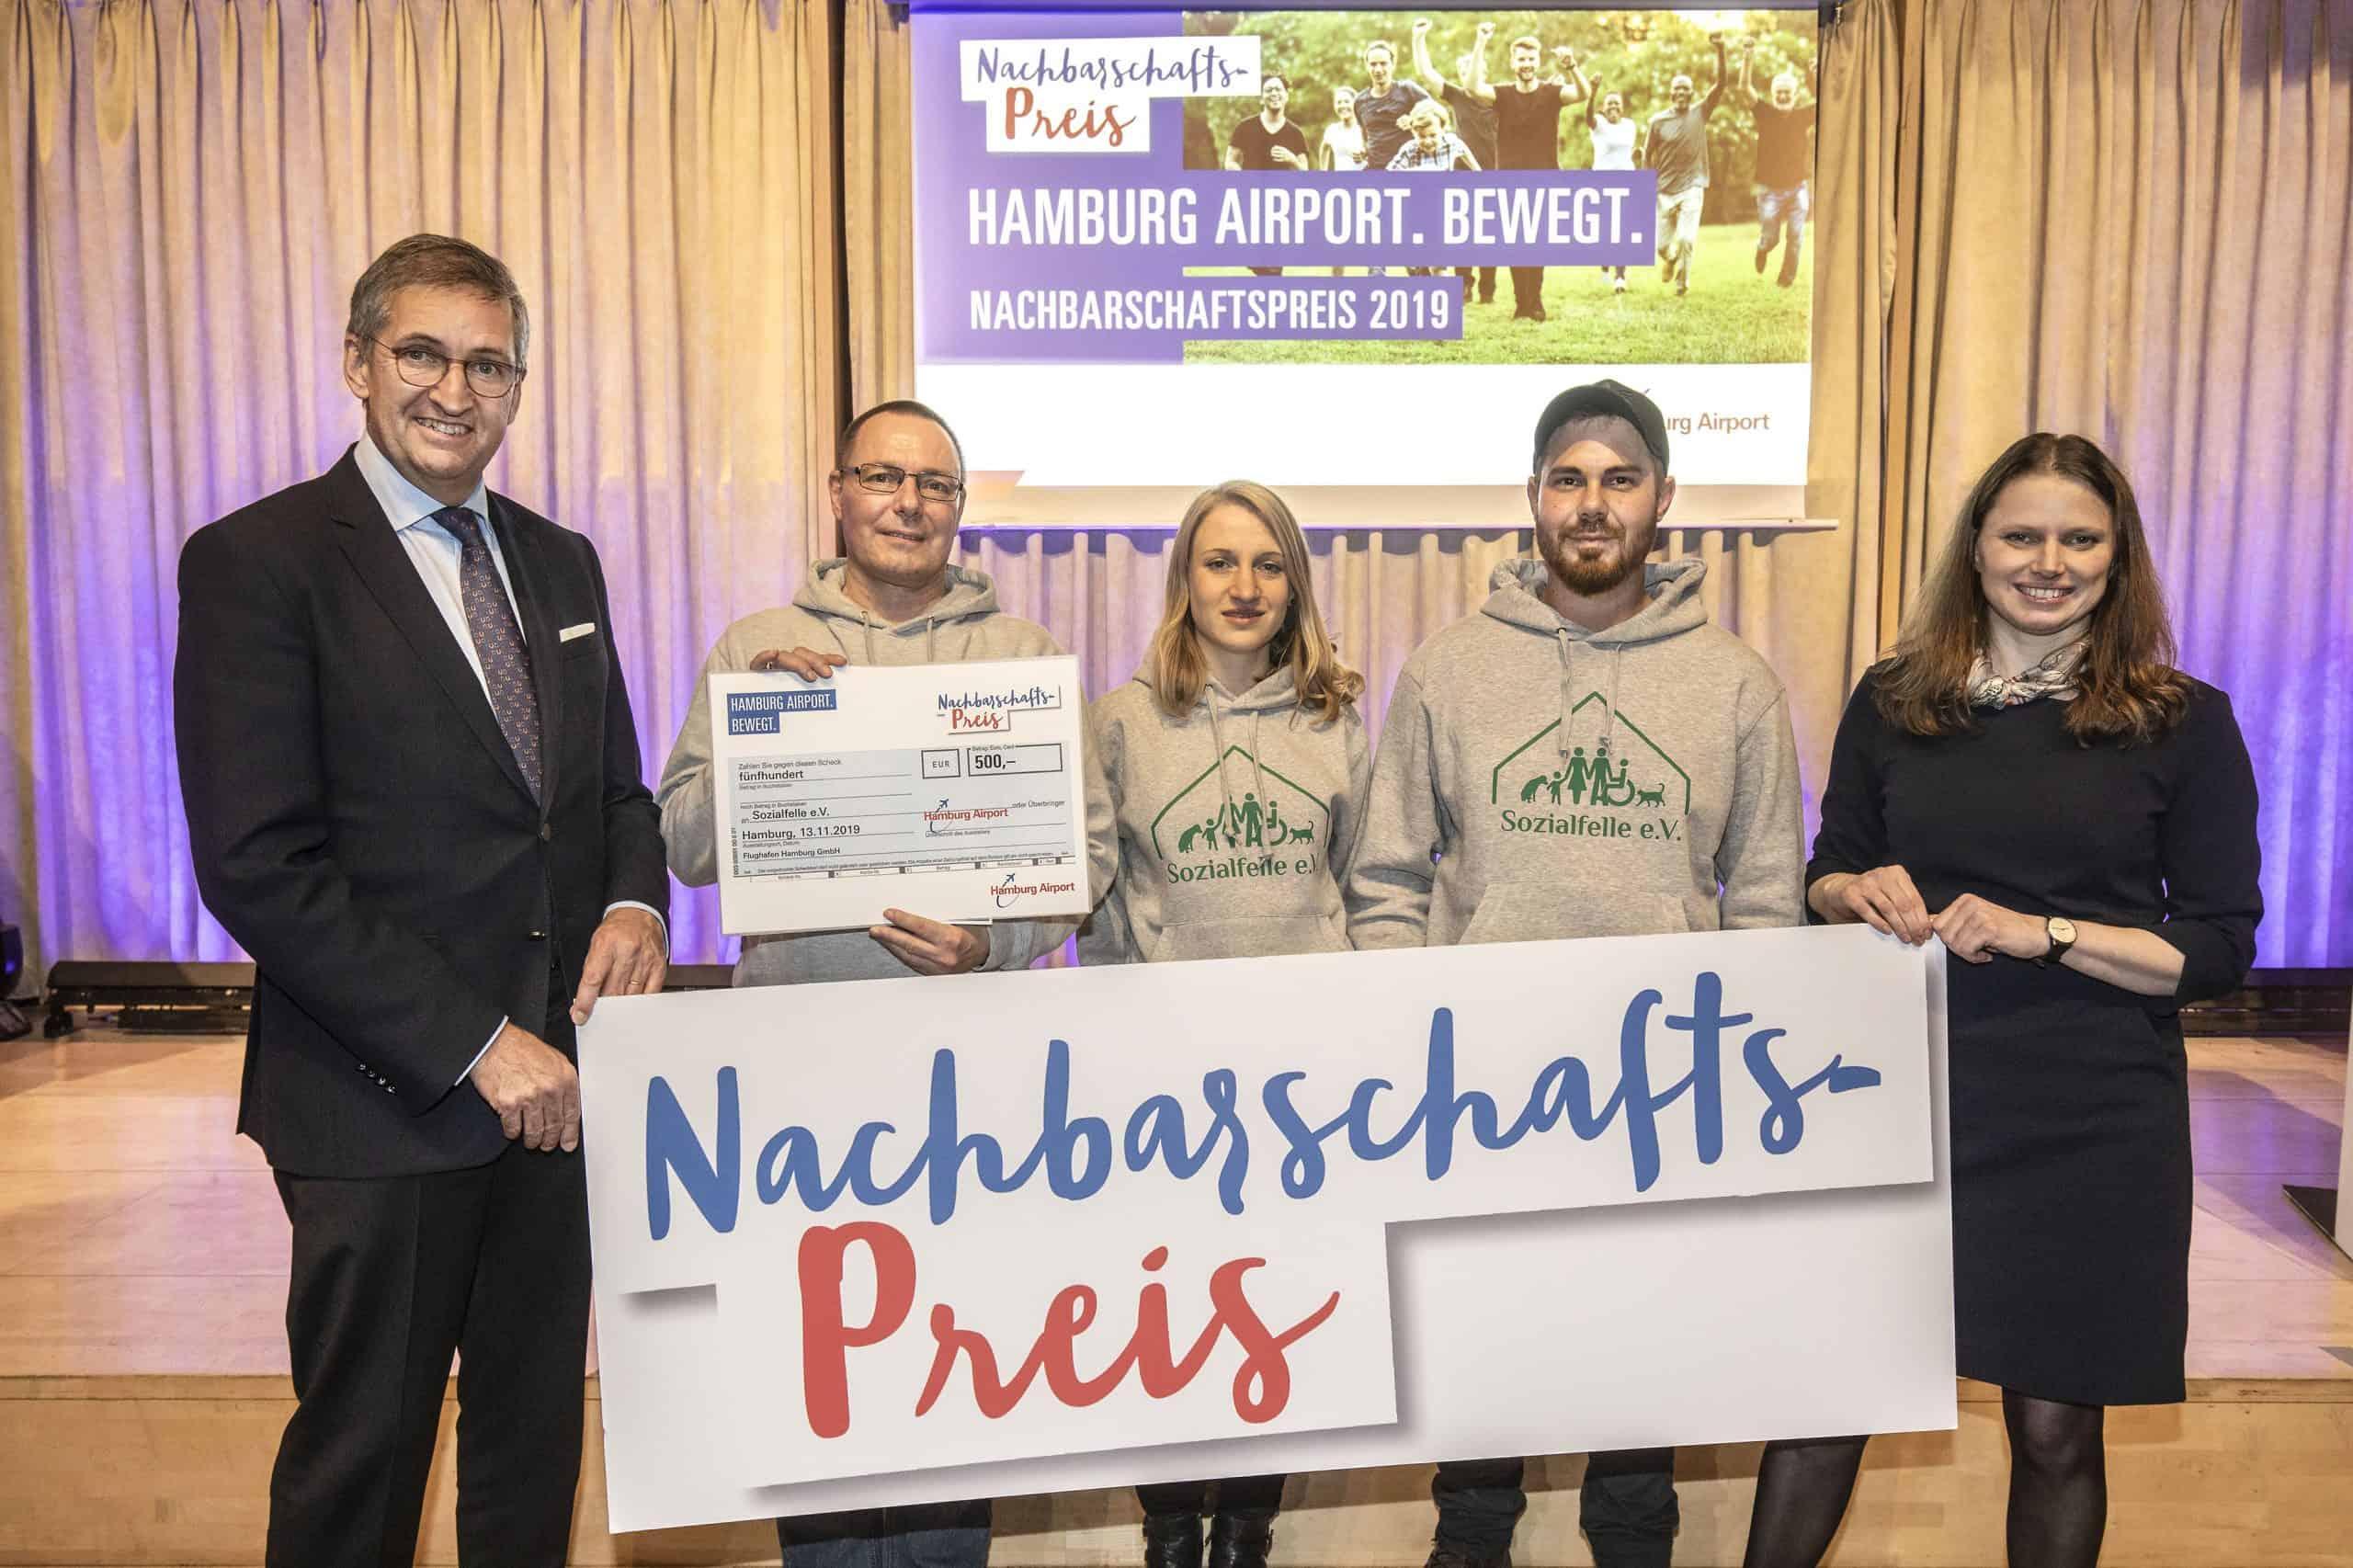 Nachbarschaftspreis 2019